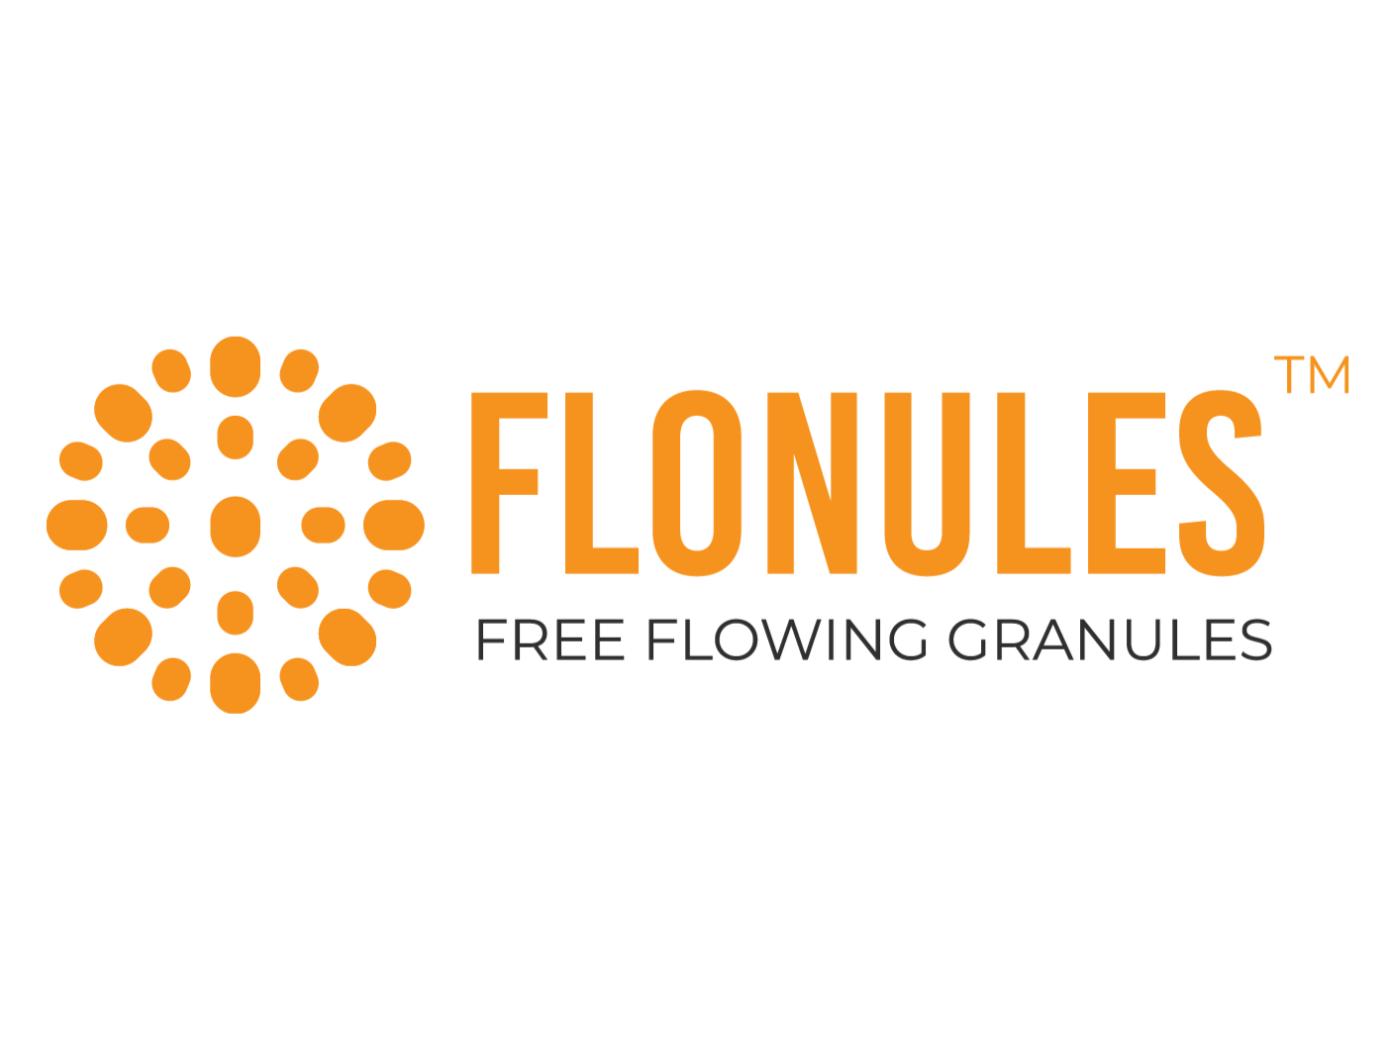 Flonules™ Turmeric Root Granules